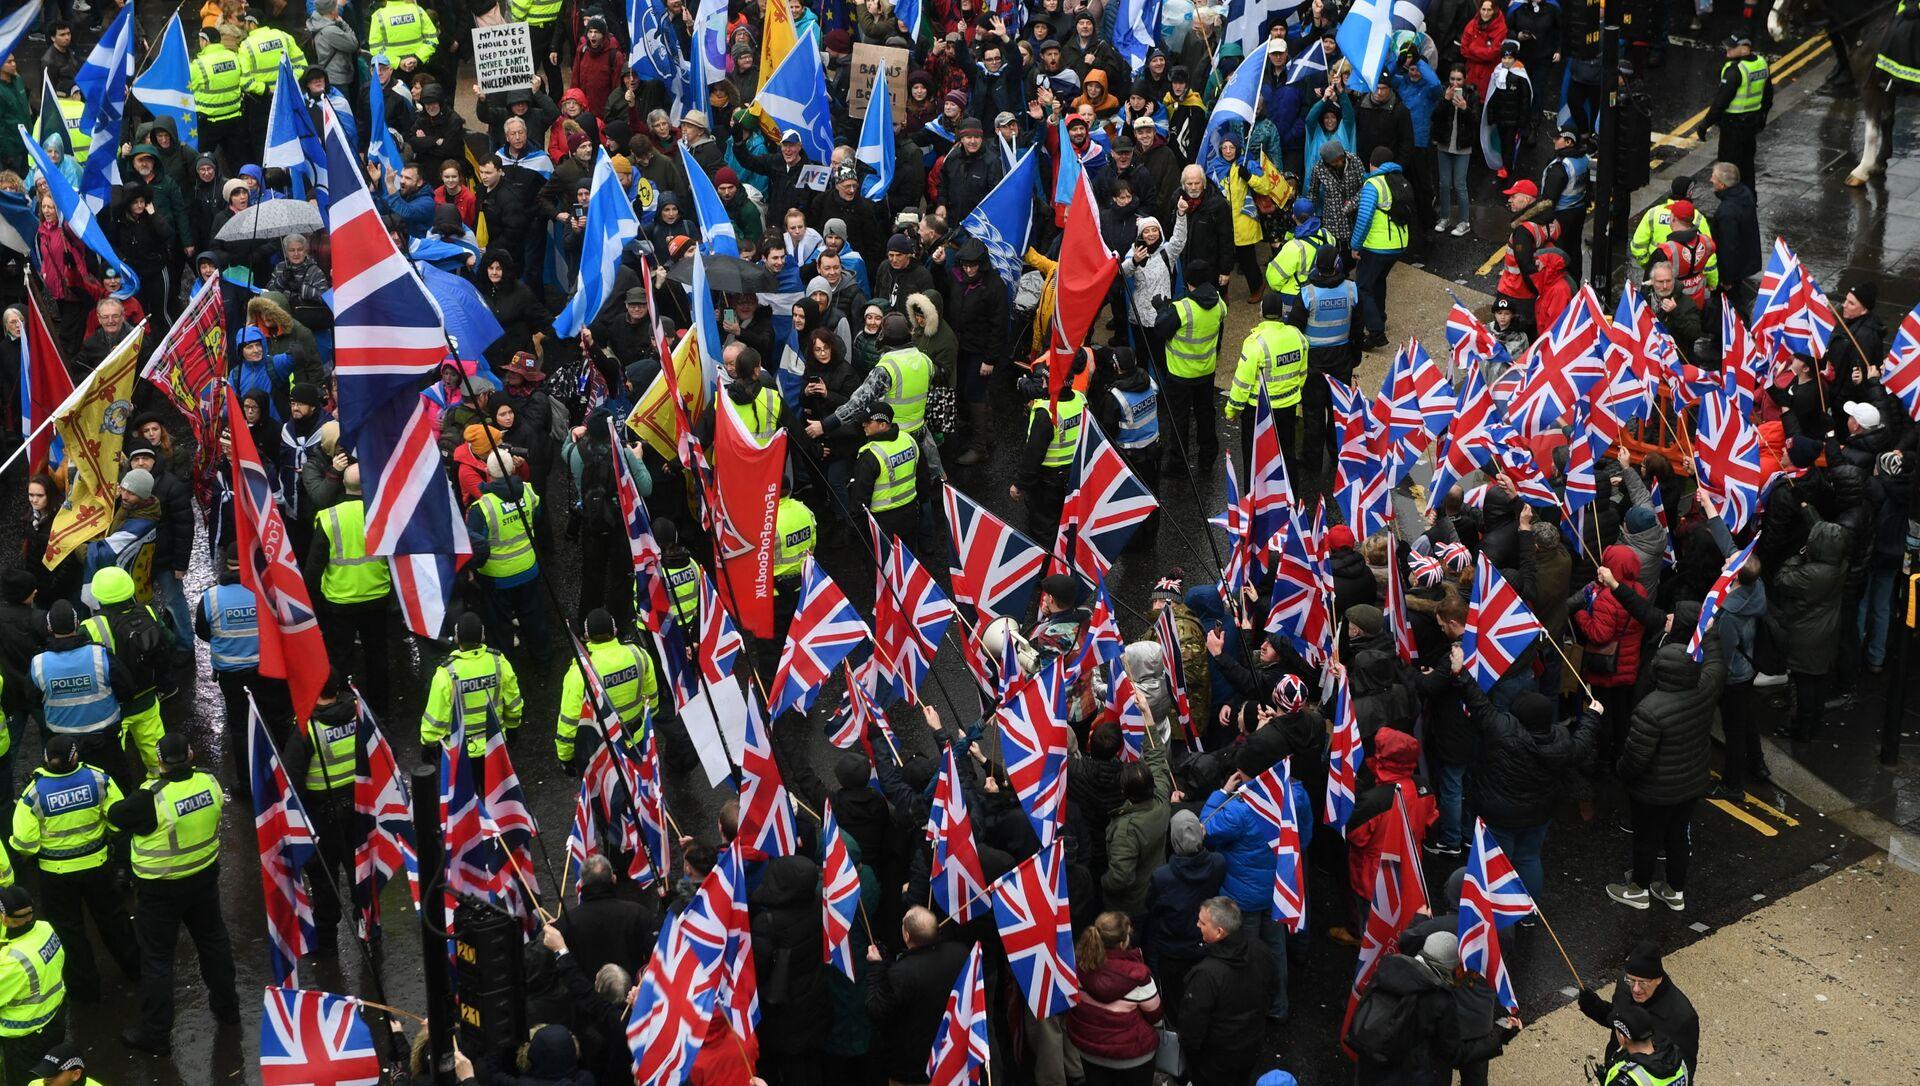 Протестующие за независимость с флагами Шотландии (вверху) маршируют за независимость Шотландии во время акции - Sputnik Абхазия, 1920, 08.10.2021